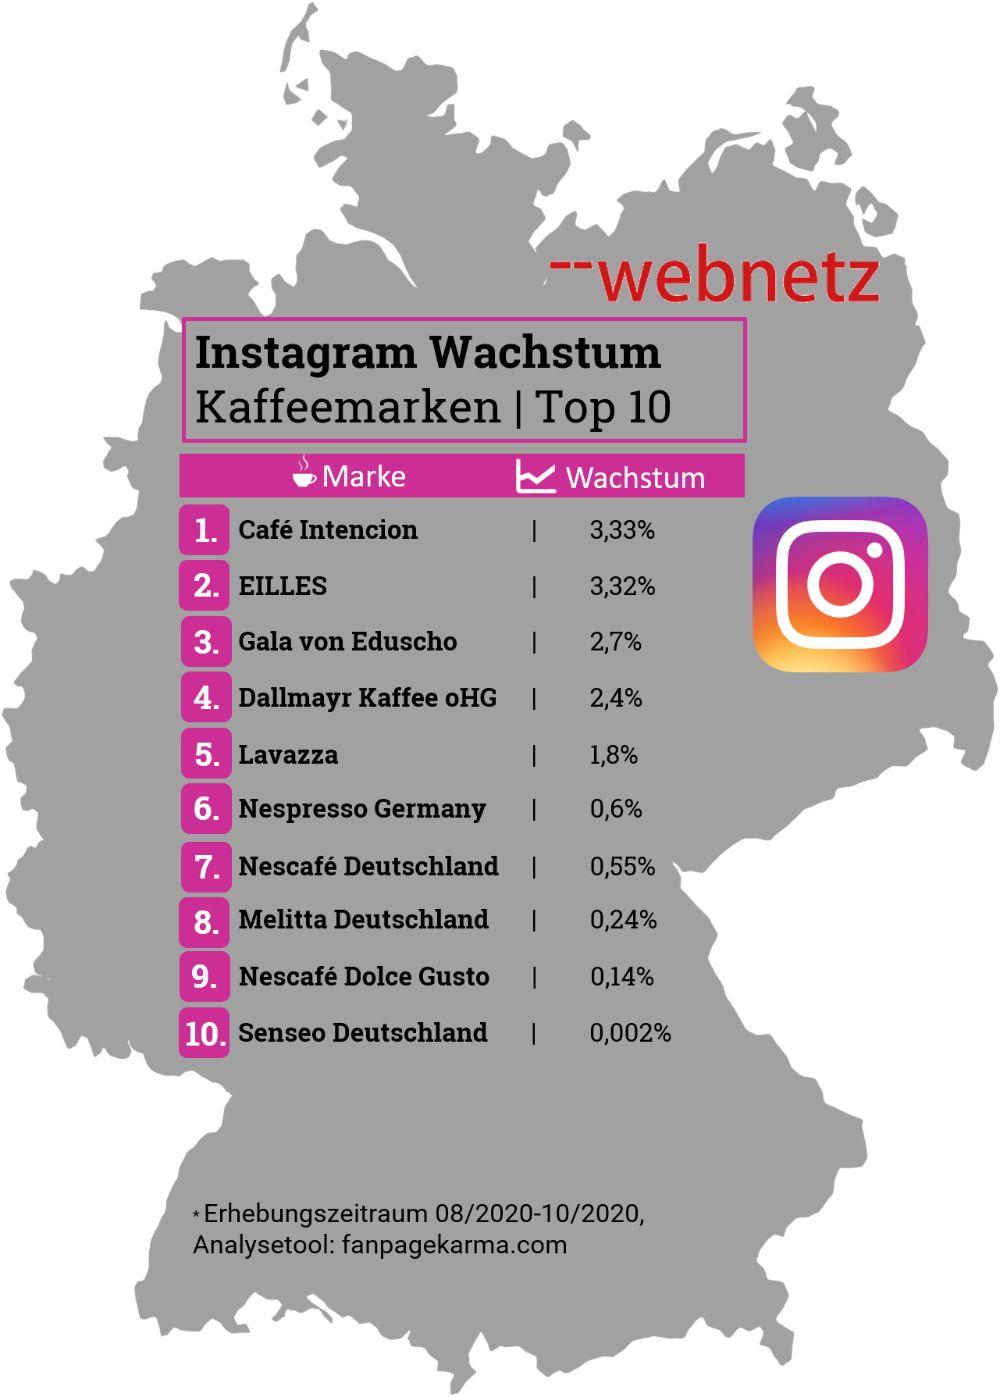 Instagram Wachstum Top 10 der Kaffeemarken